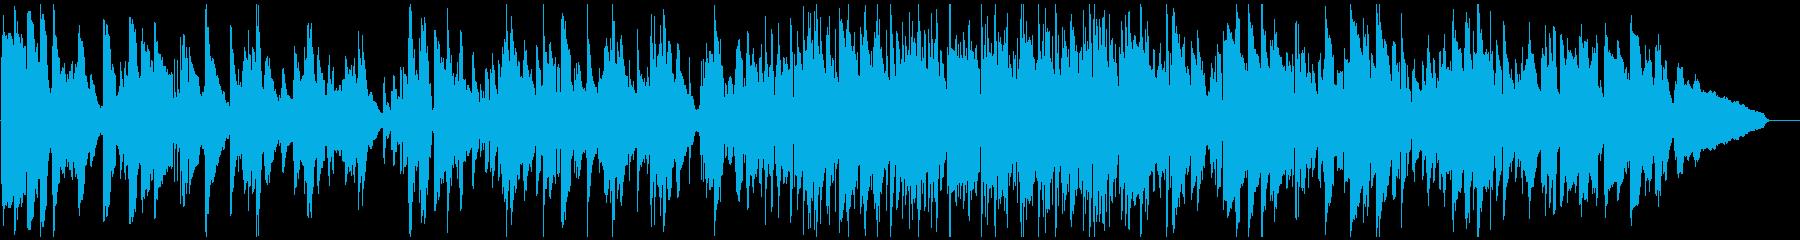 サックス生演奏のソフトなリラックスジャズの再生済みの波形